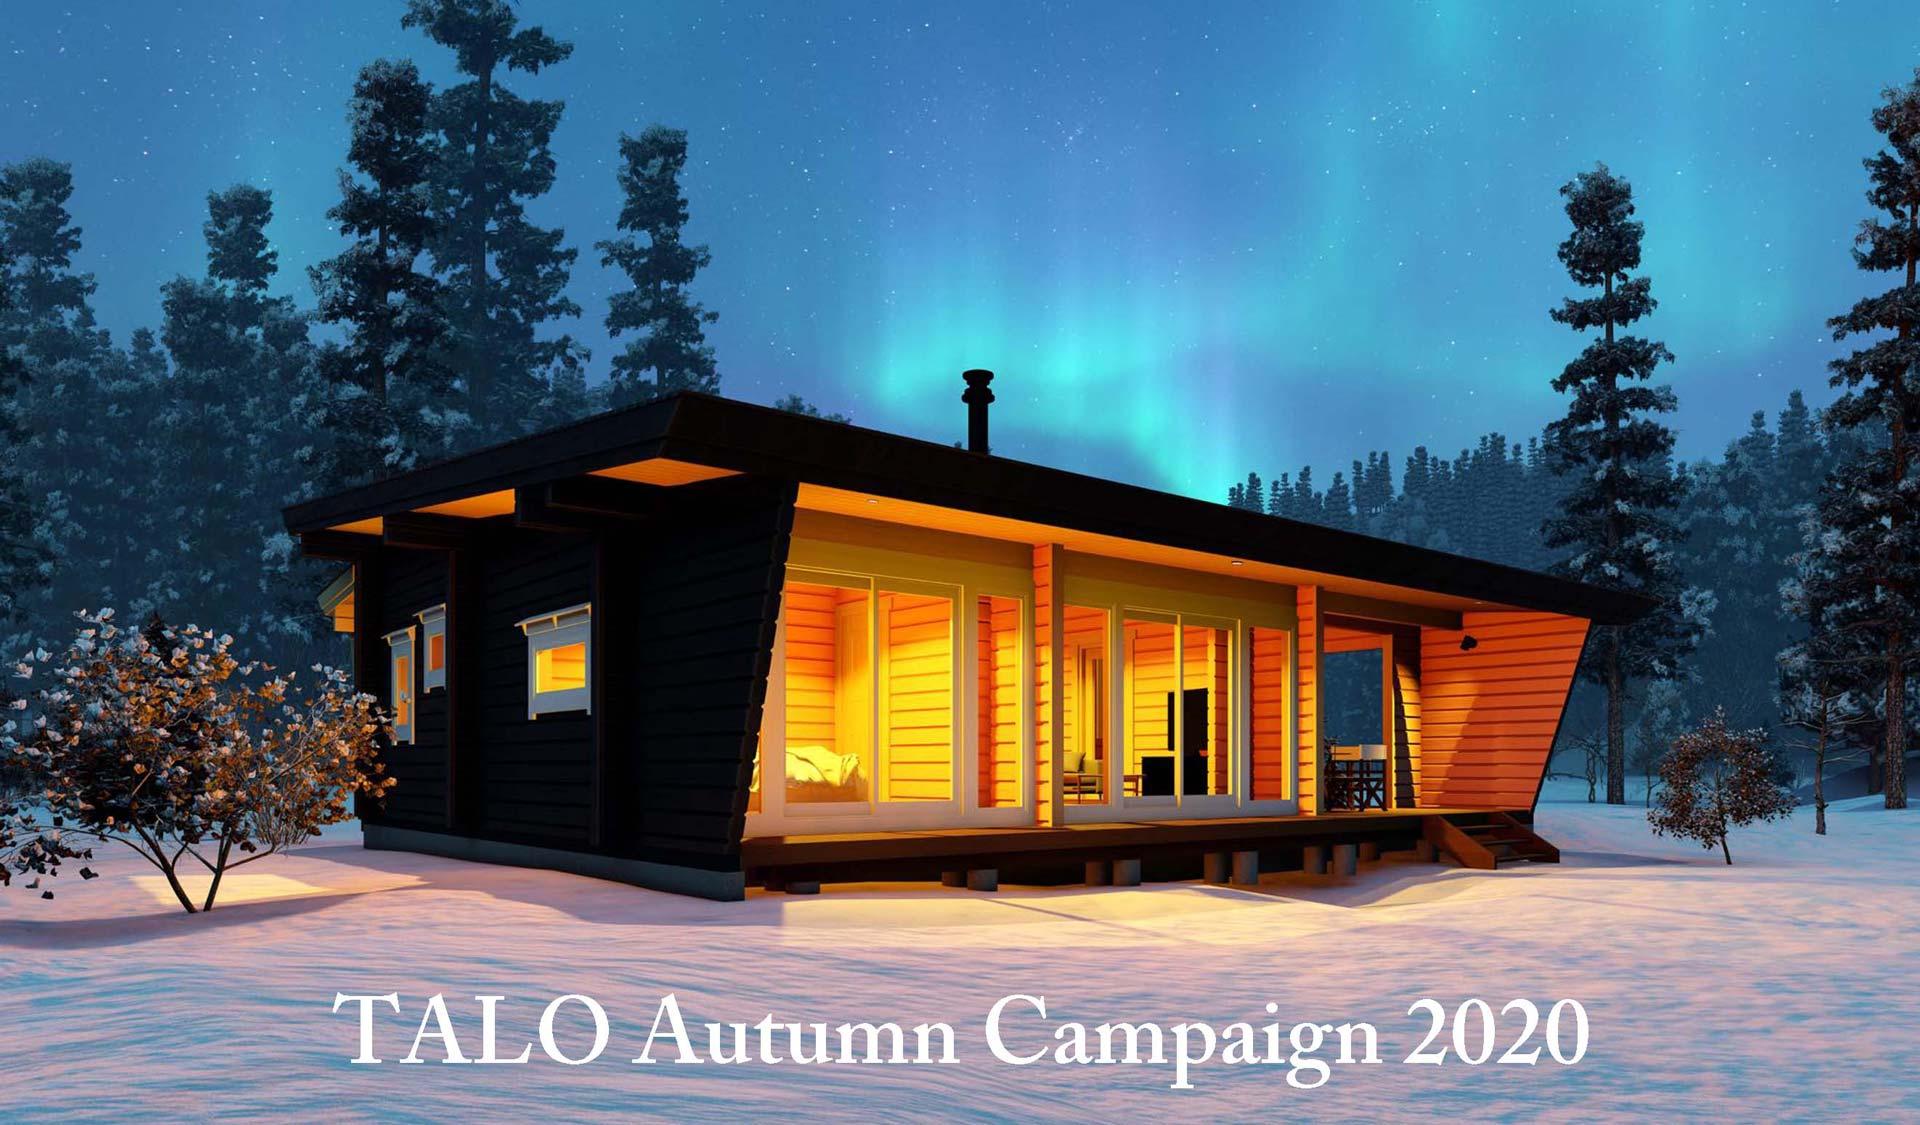 秋の自由設計キャンペーン2020 スタートしました!